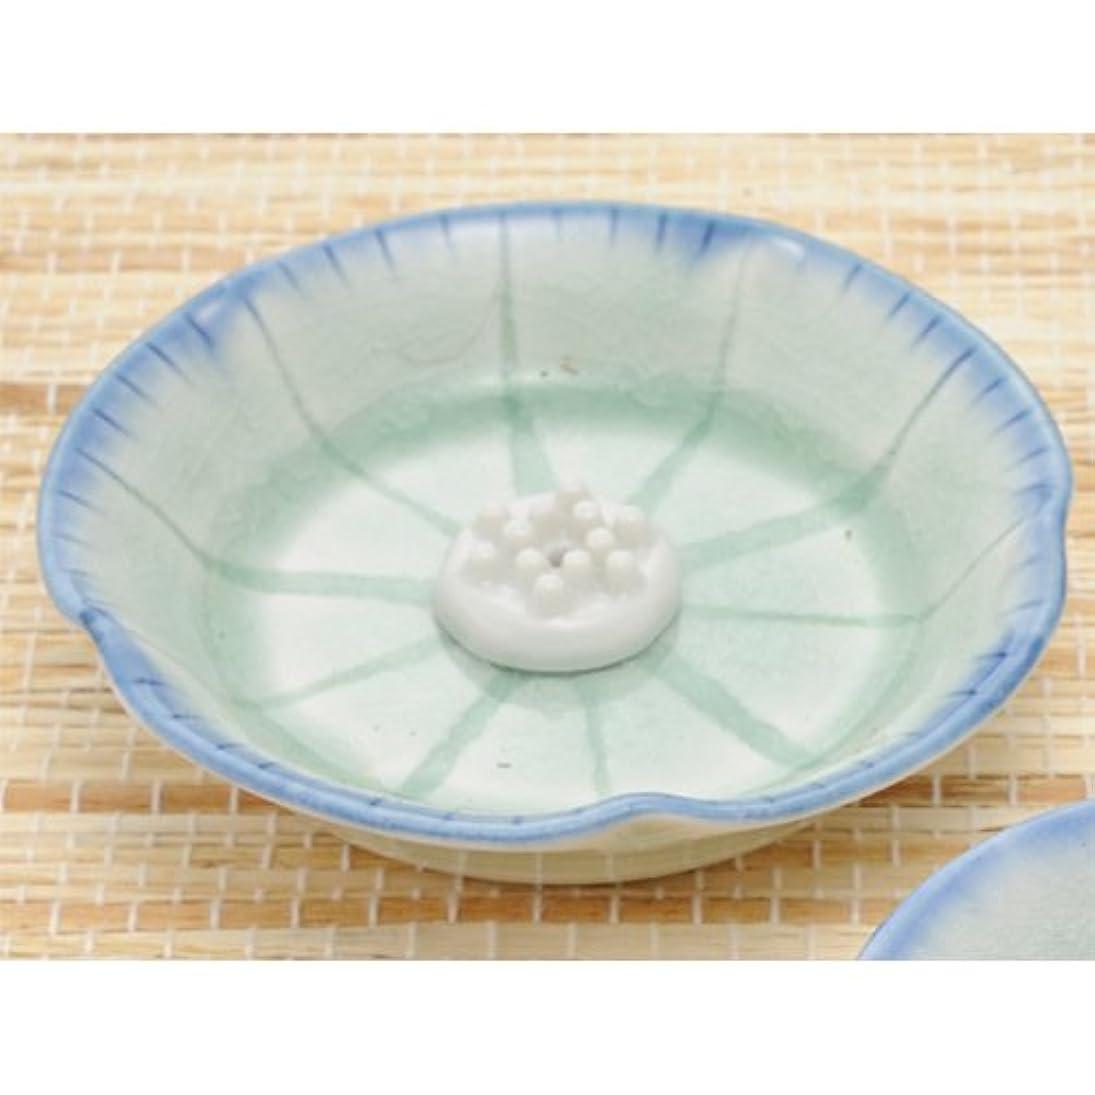 香皿 御深井 (香玉付) 花型香皿 [R9.2xH1.9cm] プレゼント ギフト 和食器 かわいい インテリア